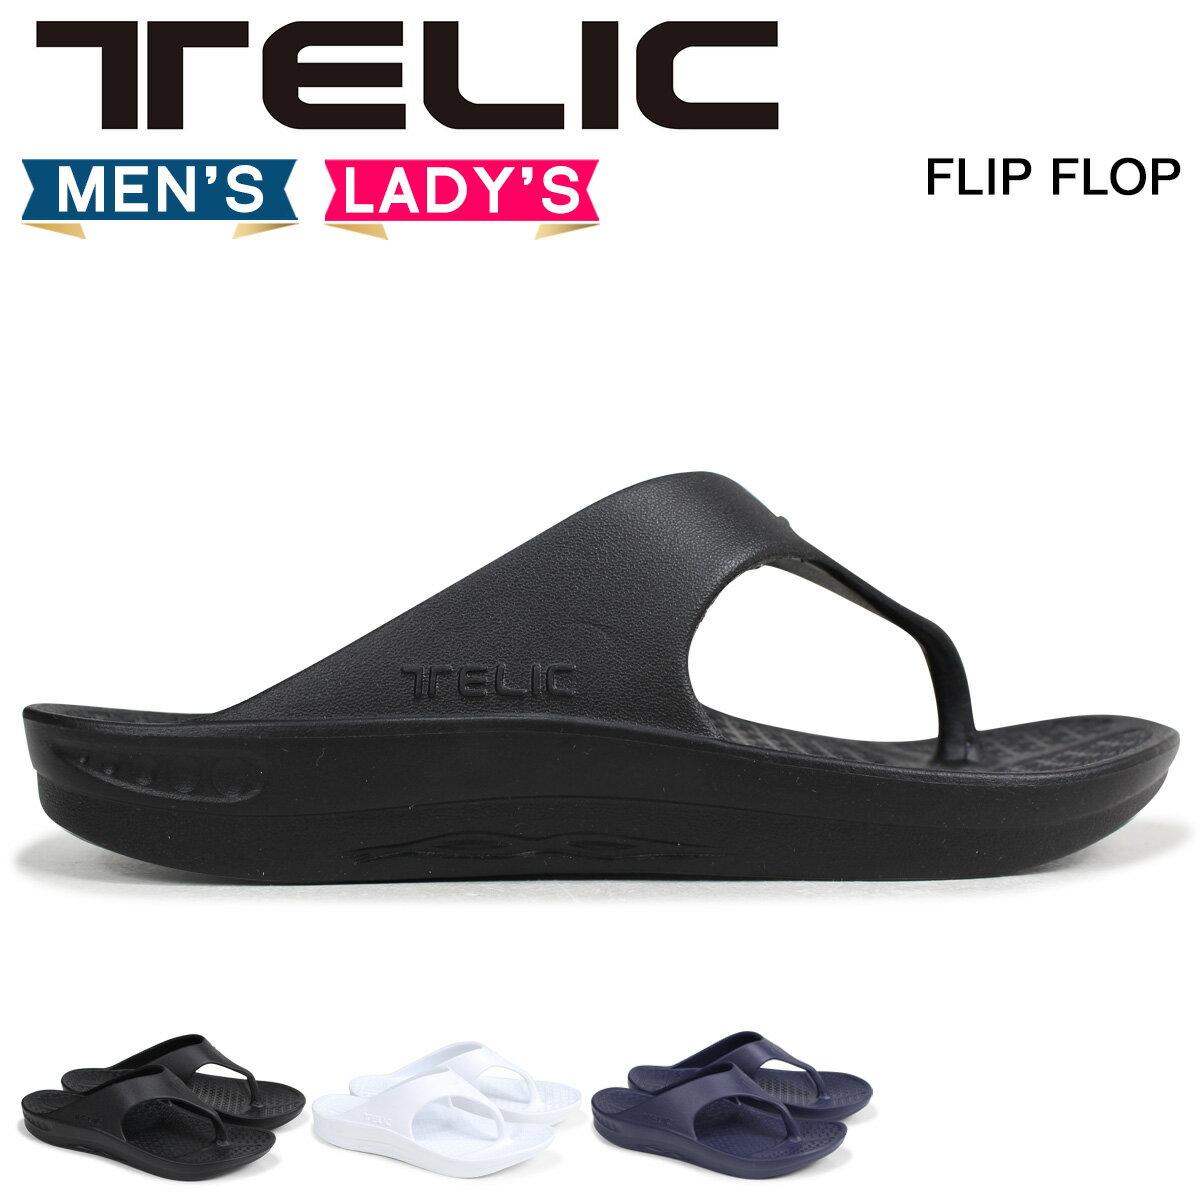 テリック TELIC サンダル コンフォートサンダル メンズ レディース フリップフロップ FLIP FLOP ブラック 黒 ホワイト 白 ネイビー